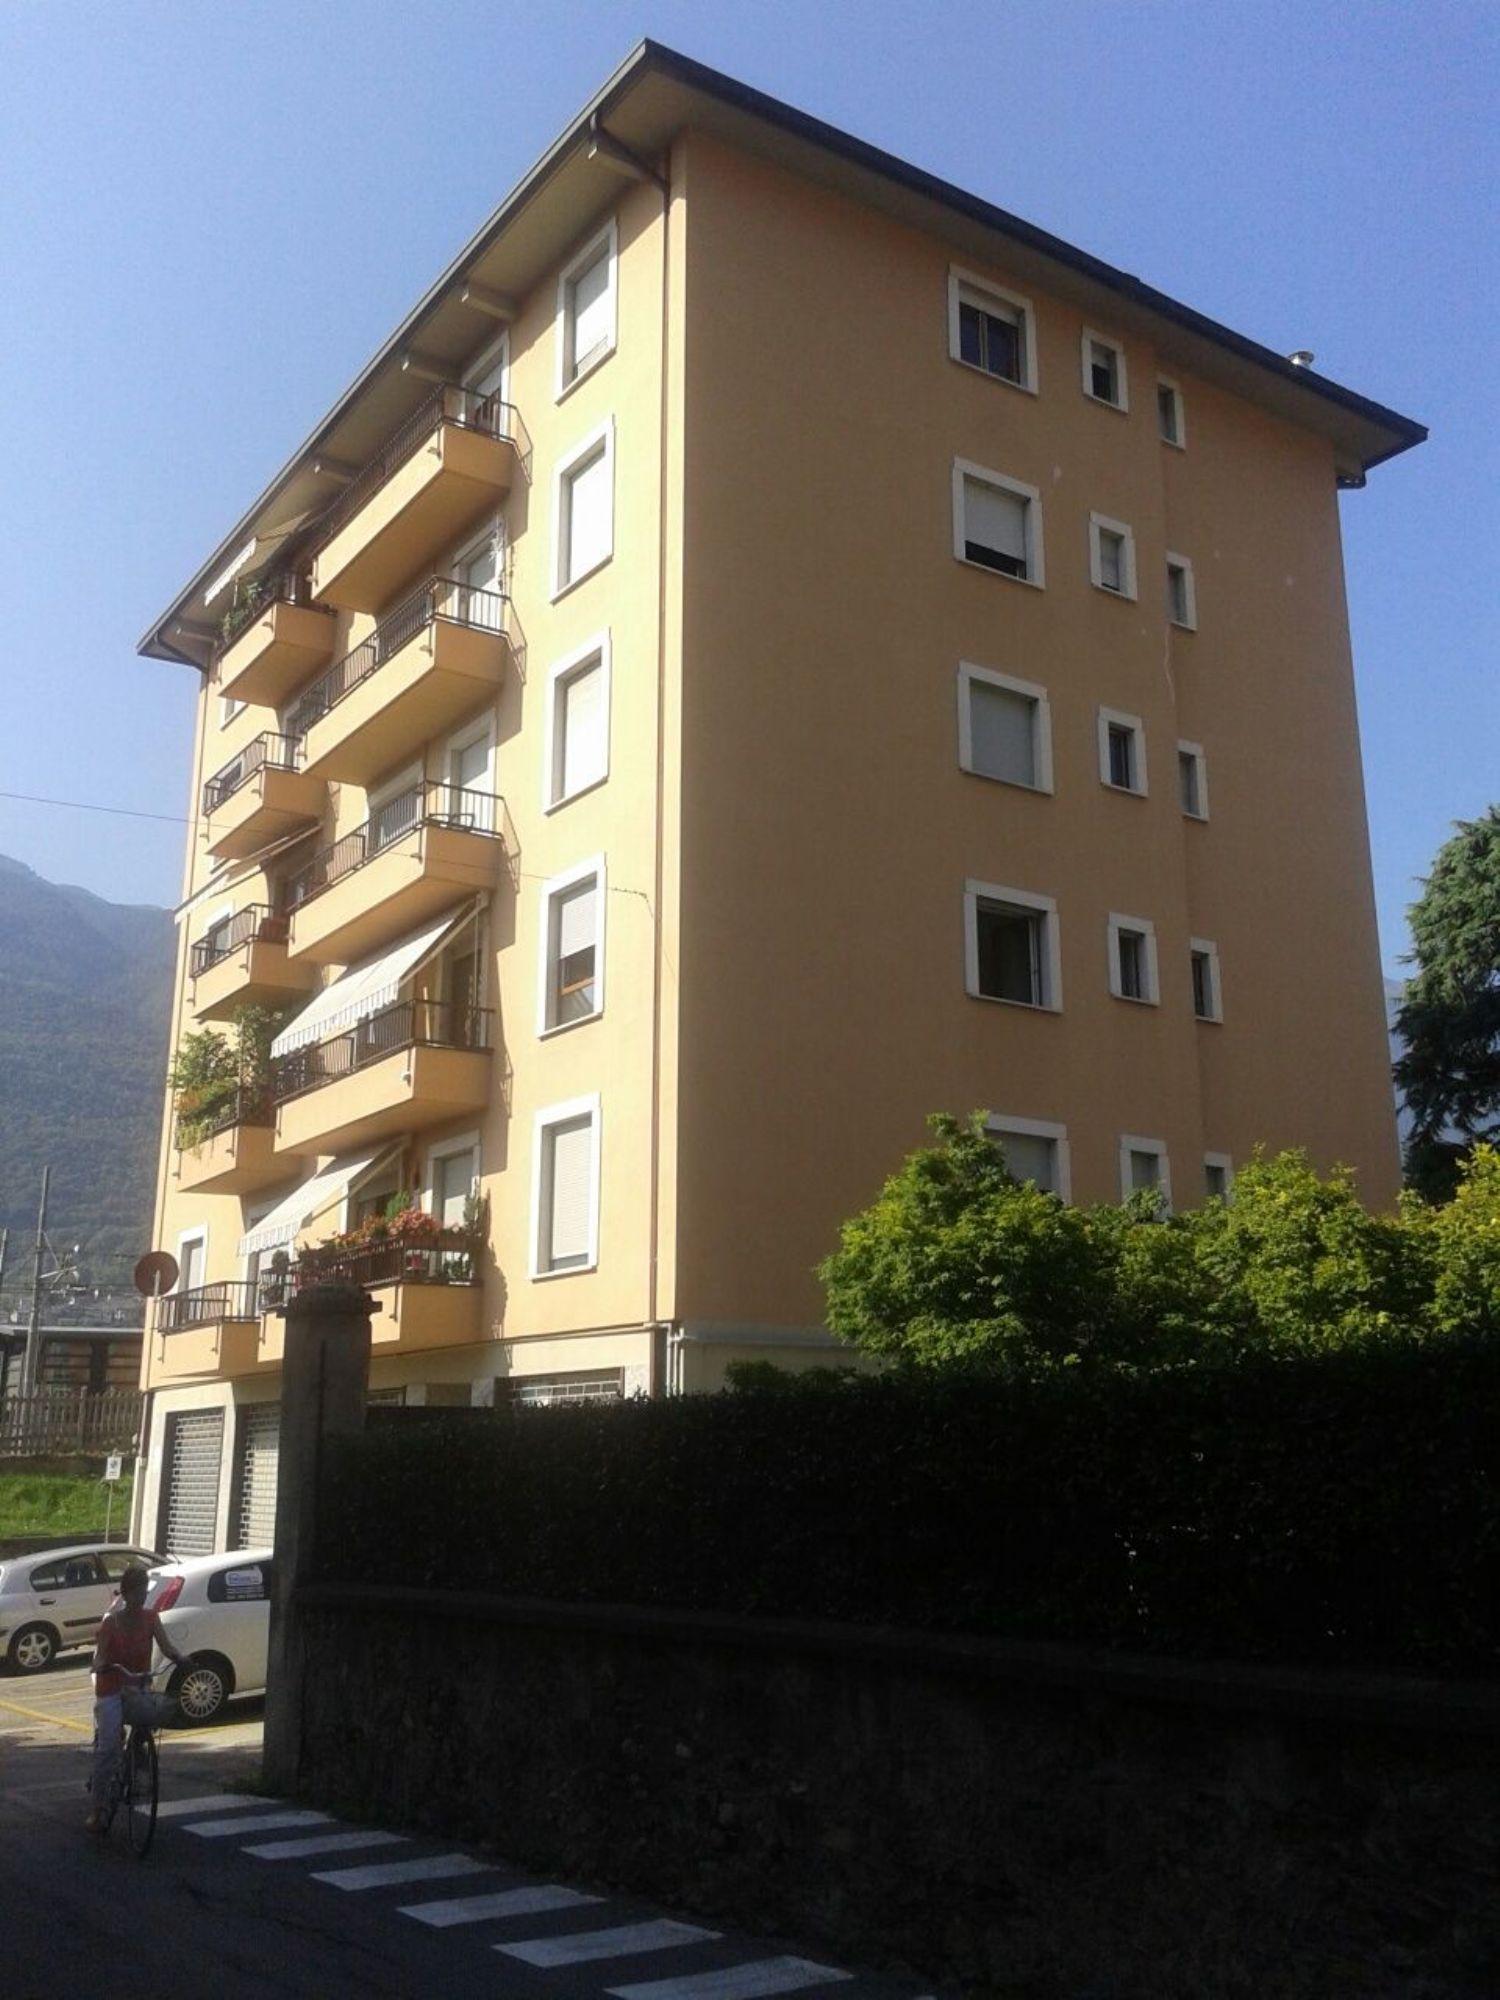 Immobile Commerciale in affitto a Sondrio, 9999 locali, prezzo € 700 | CambioCasa.it